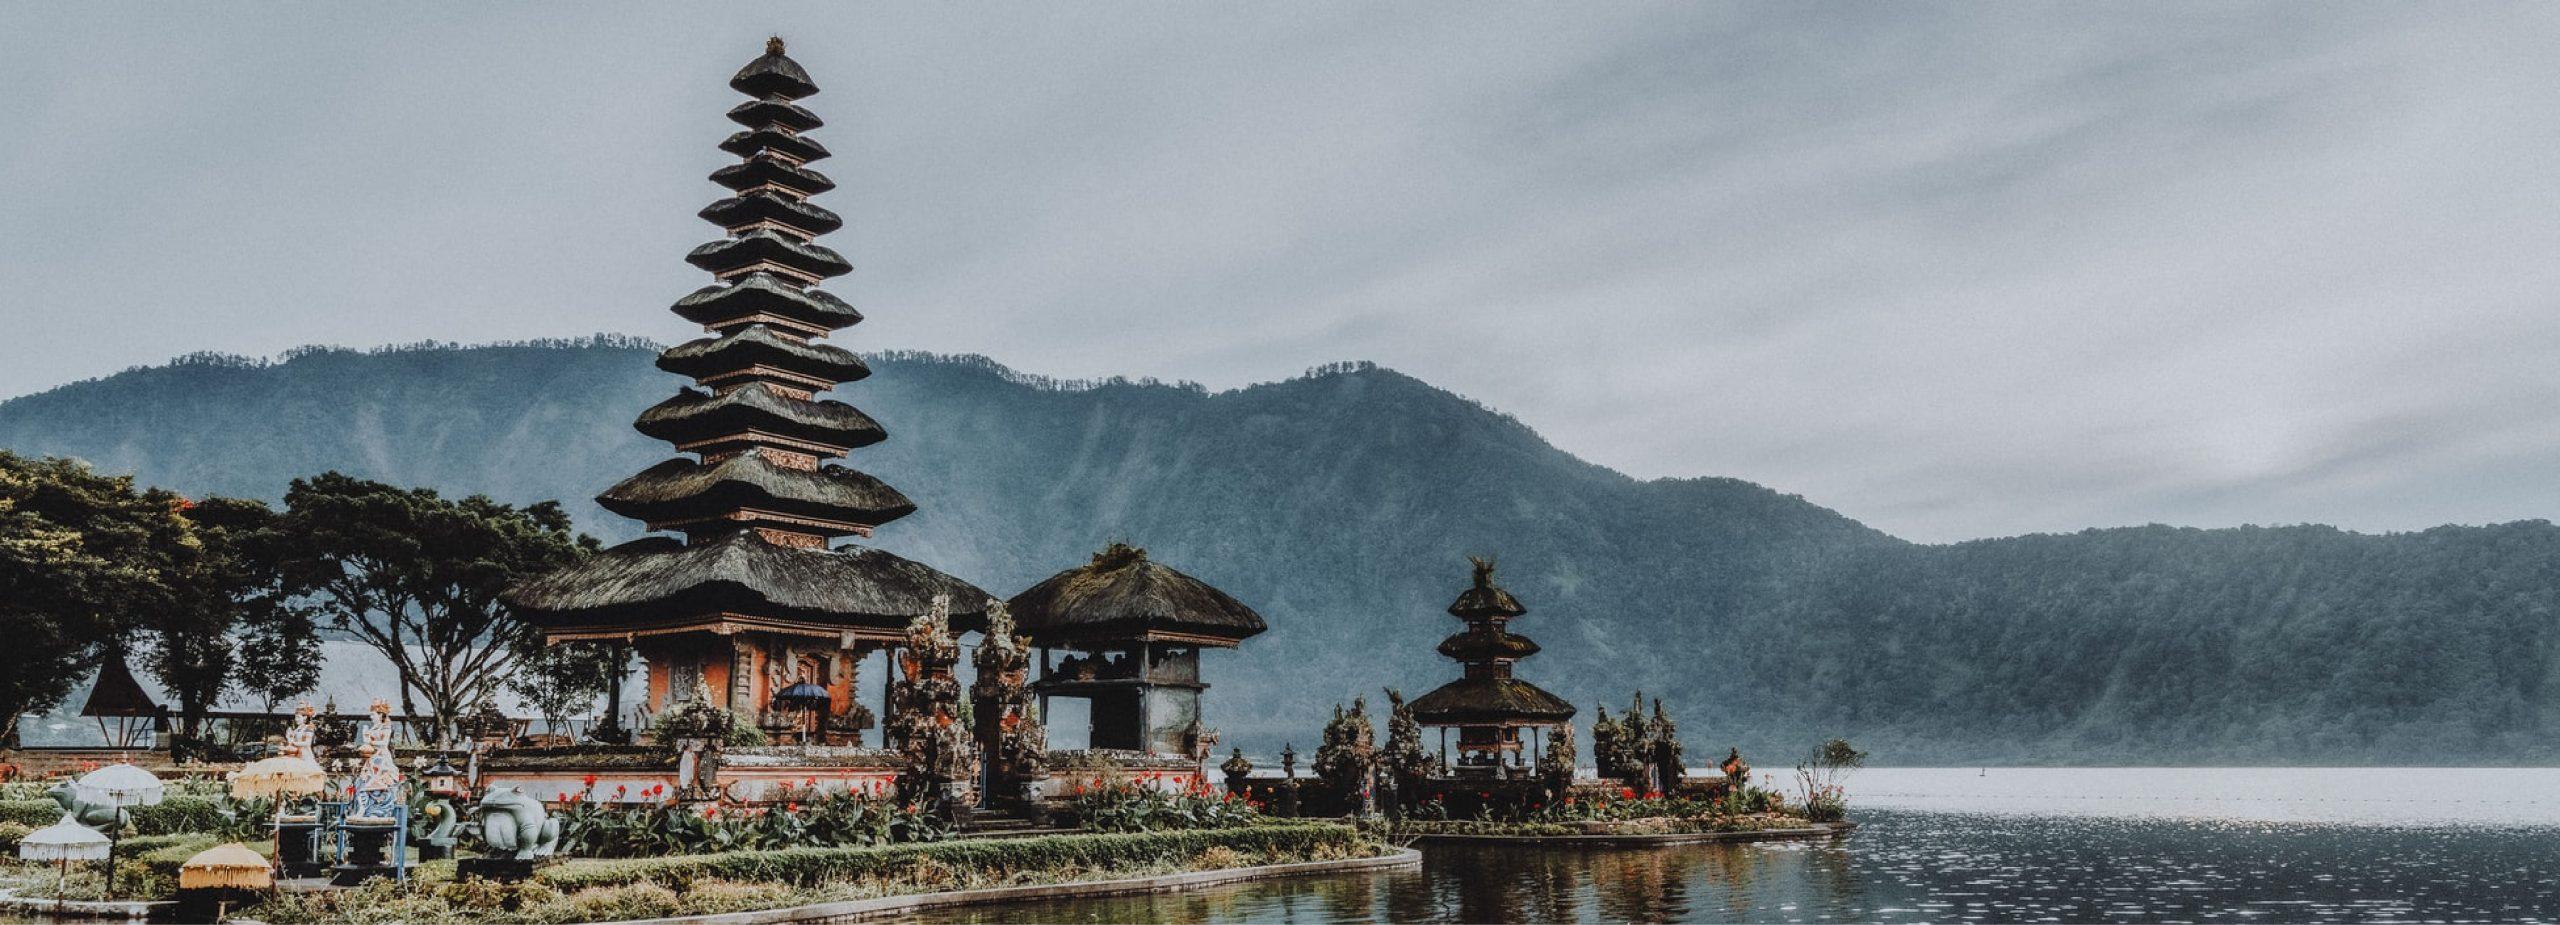 Du lịch Bali - Bluetour